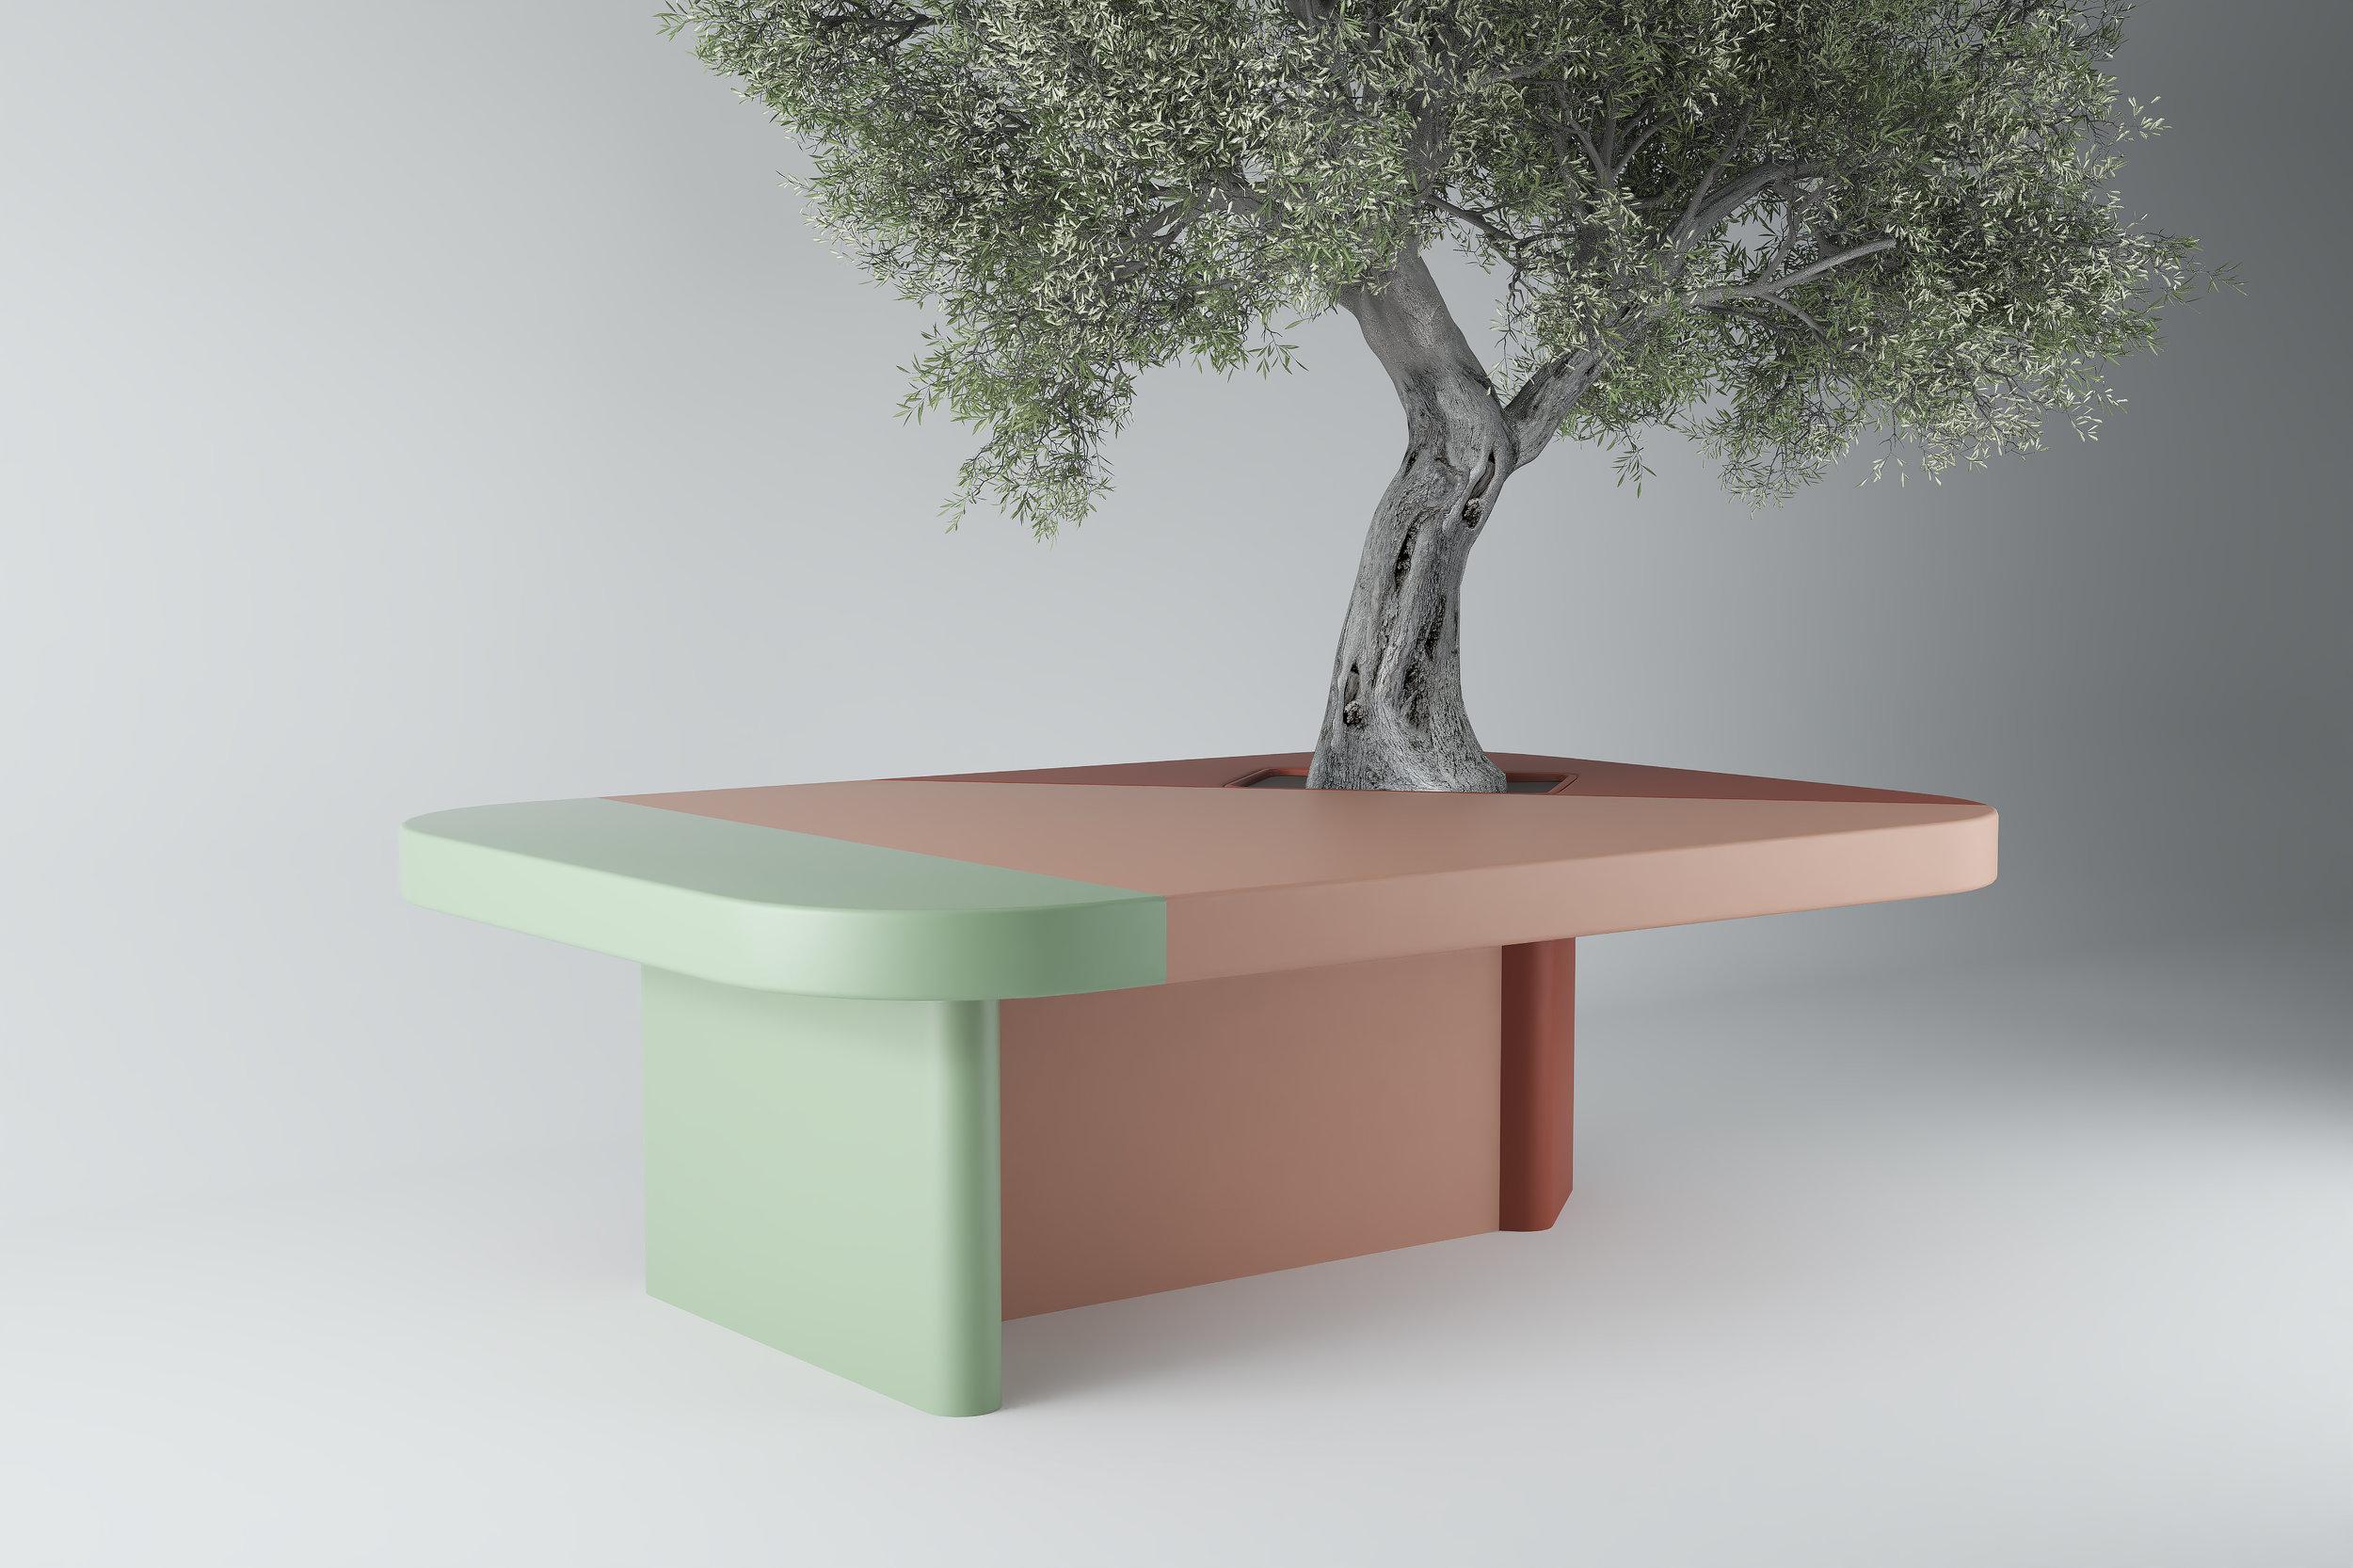 180530_tree table .jpg